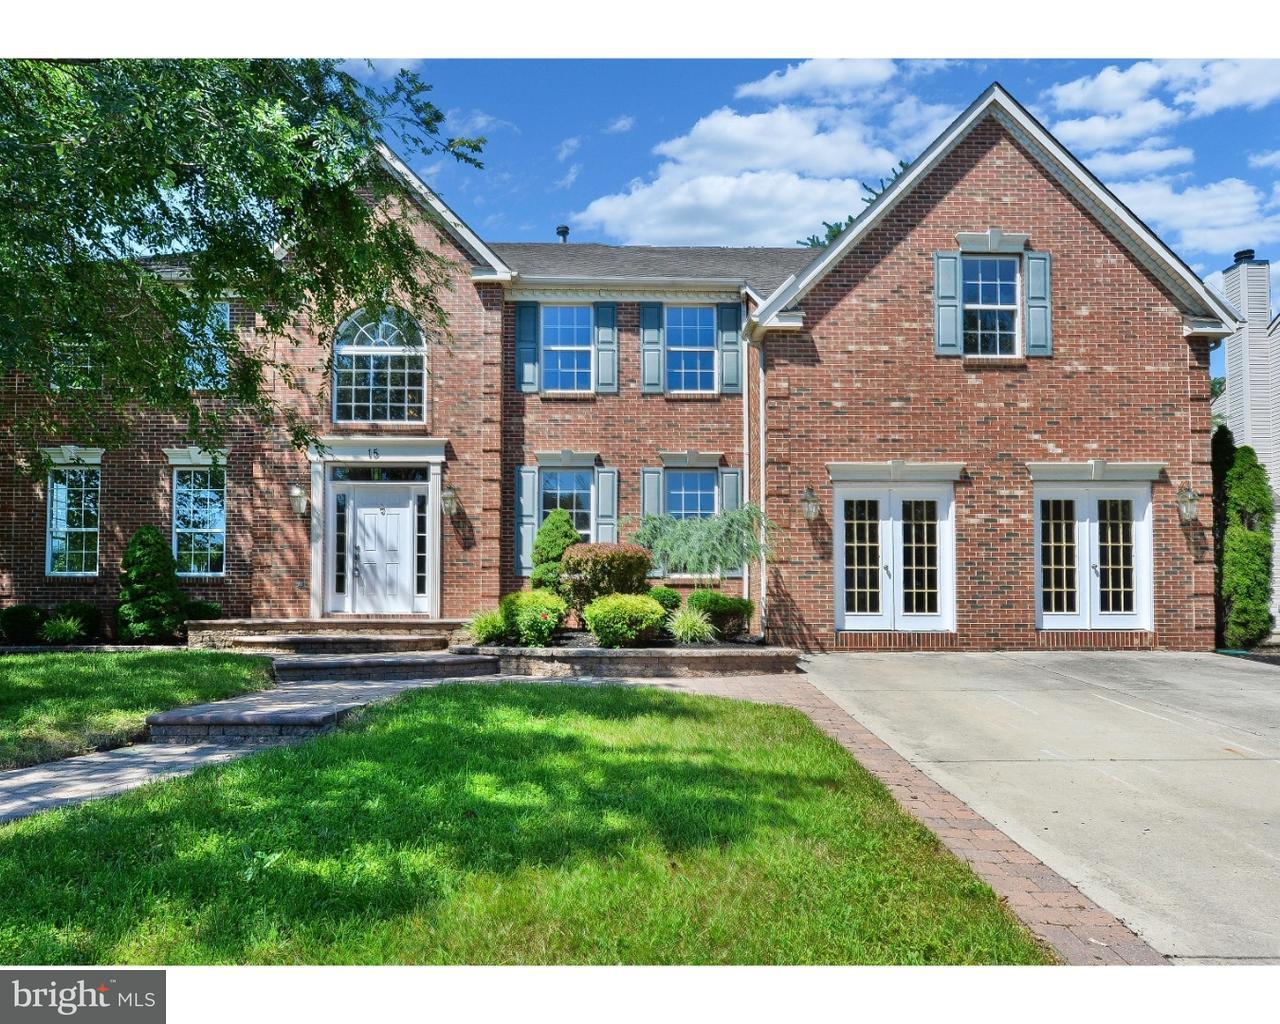 Casa Unifamiliar por un Venta en 15 BANCROFT Lane Hainesport, Nueva Jersey 08036 Estados Unidos